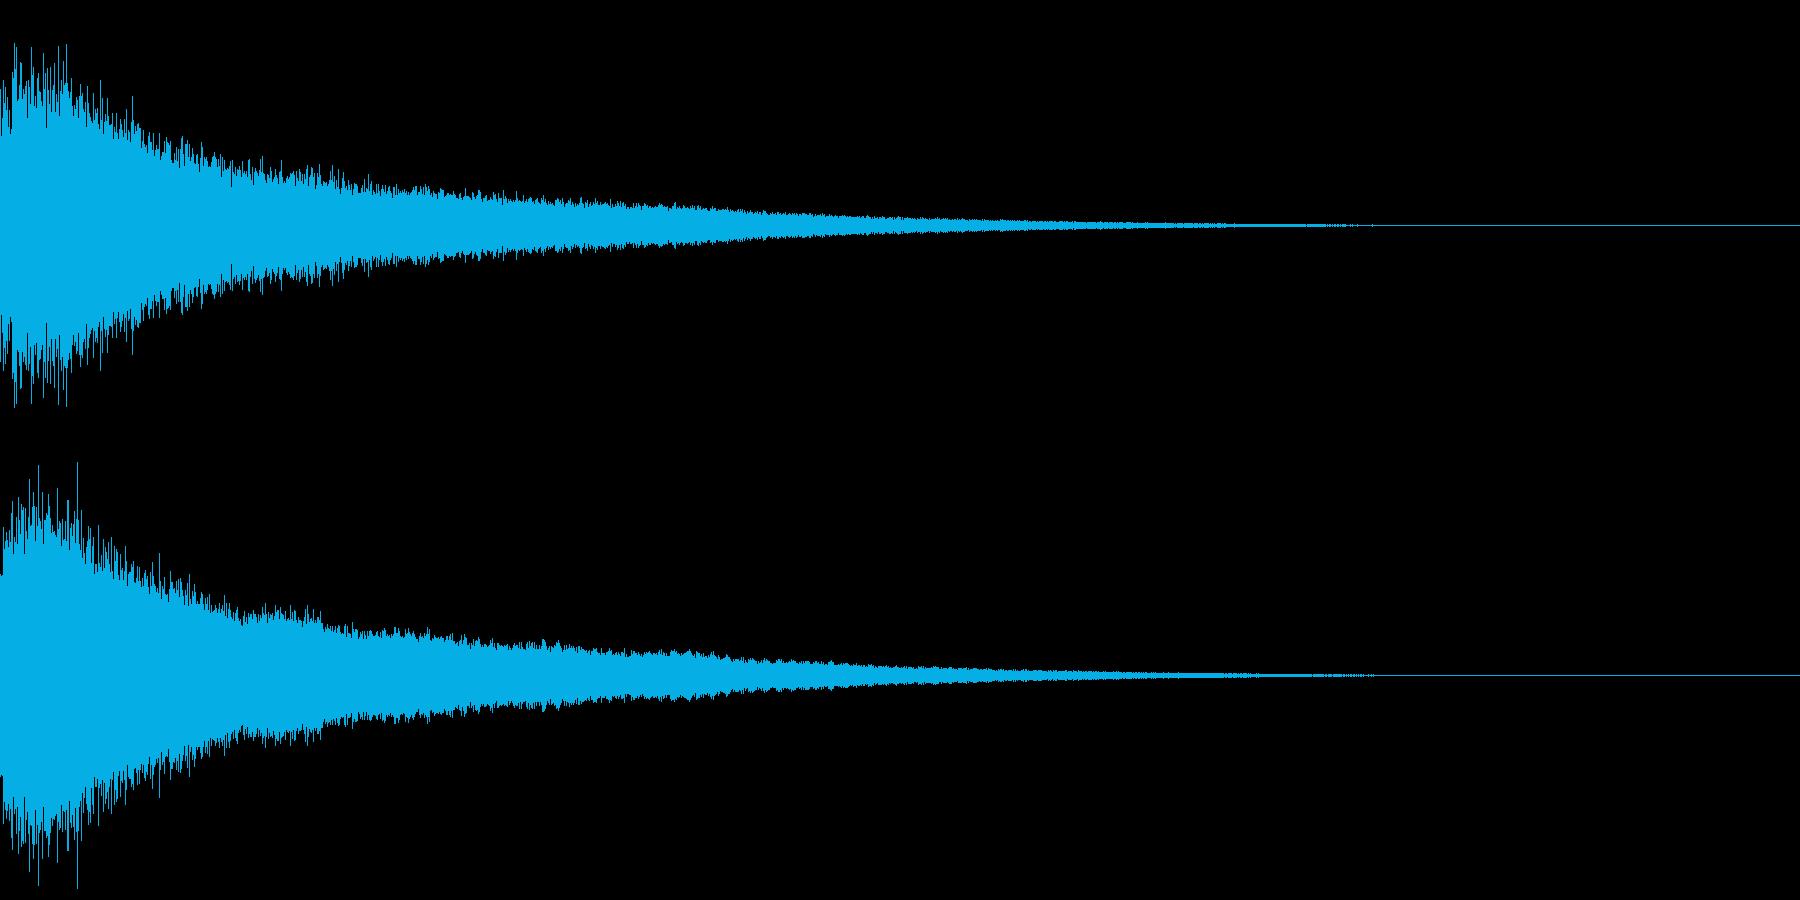 【チャイナシンバル ゴング】中国演出!3の再生済みの波形